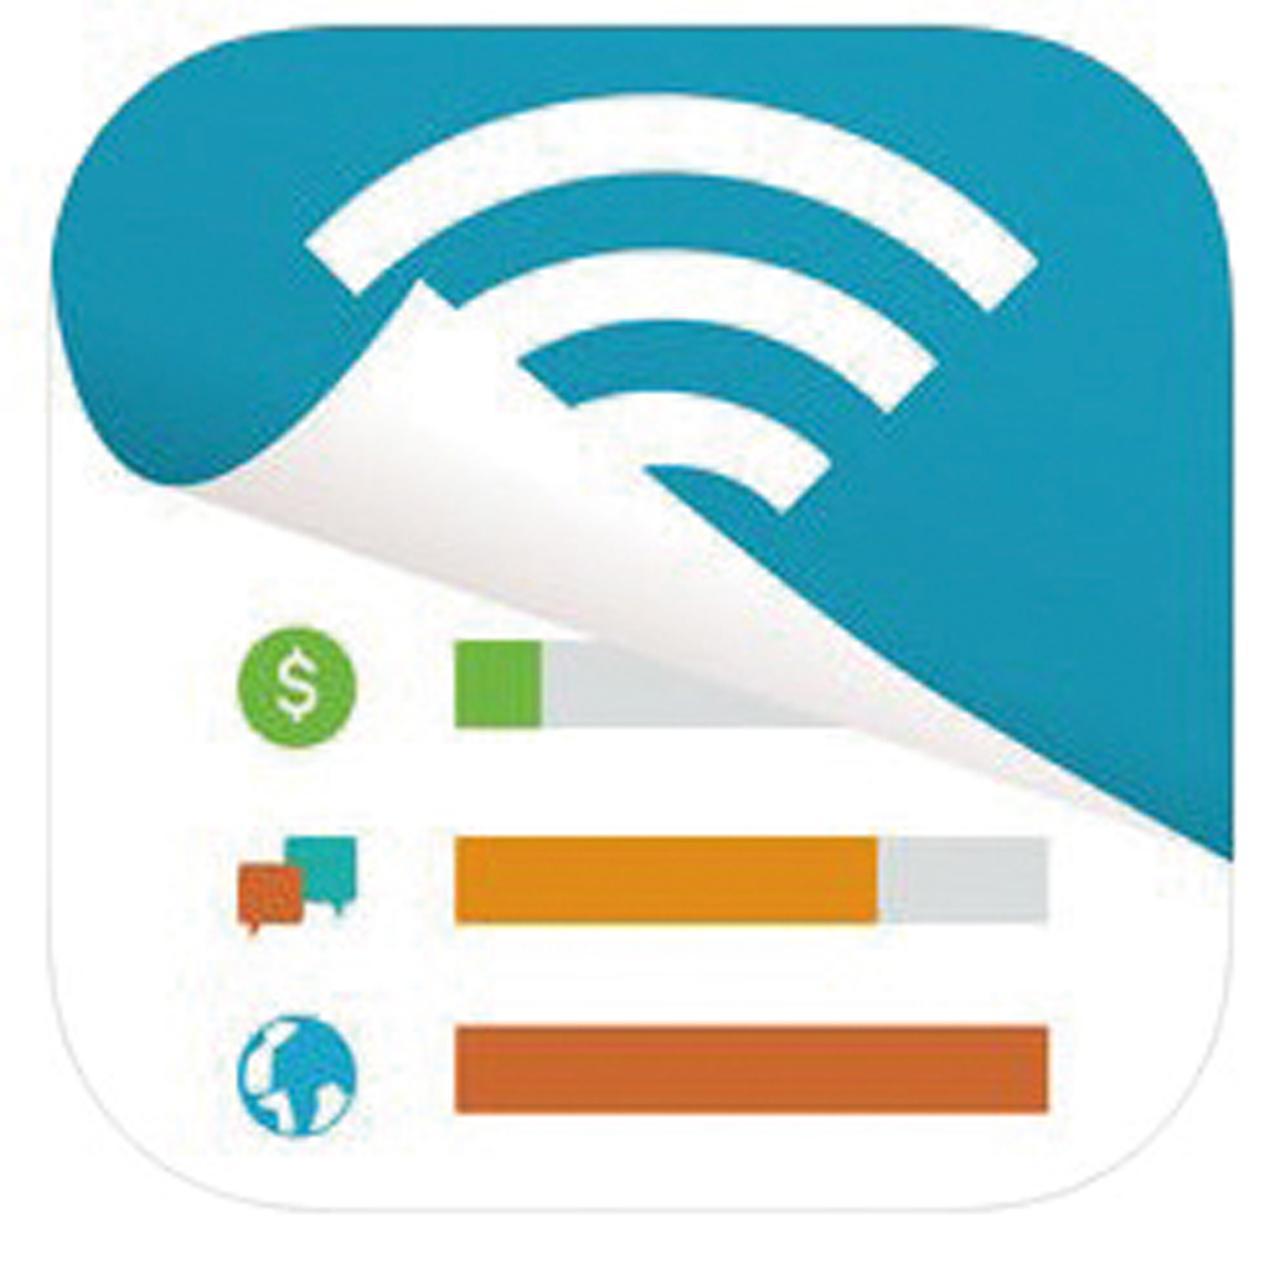 画像1: ❺月ごとやアプリごとの通信料を細かく把握することができる